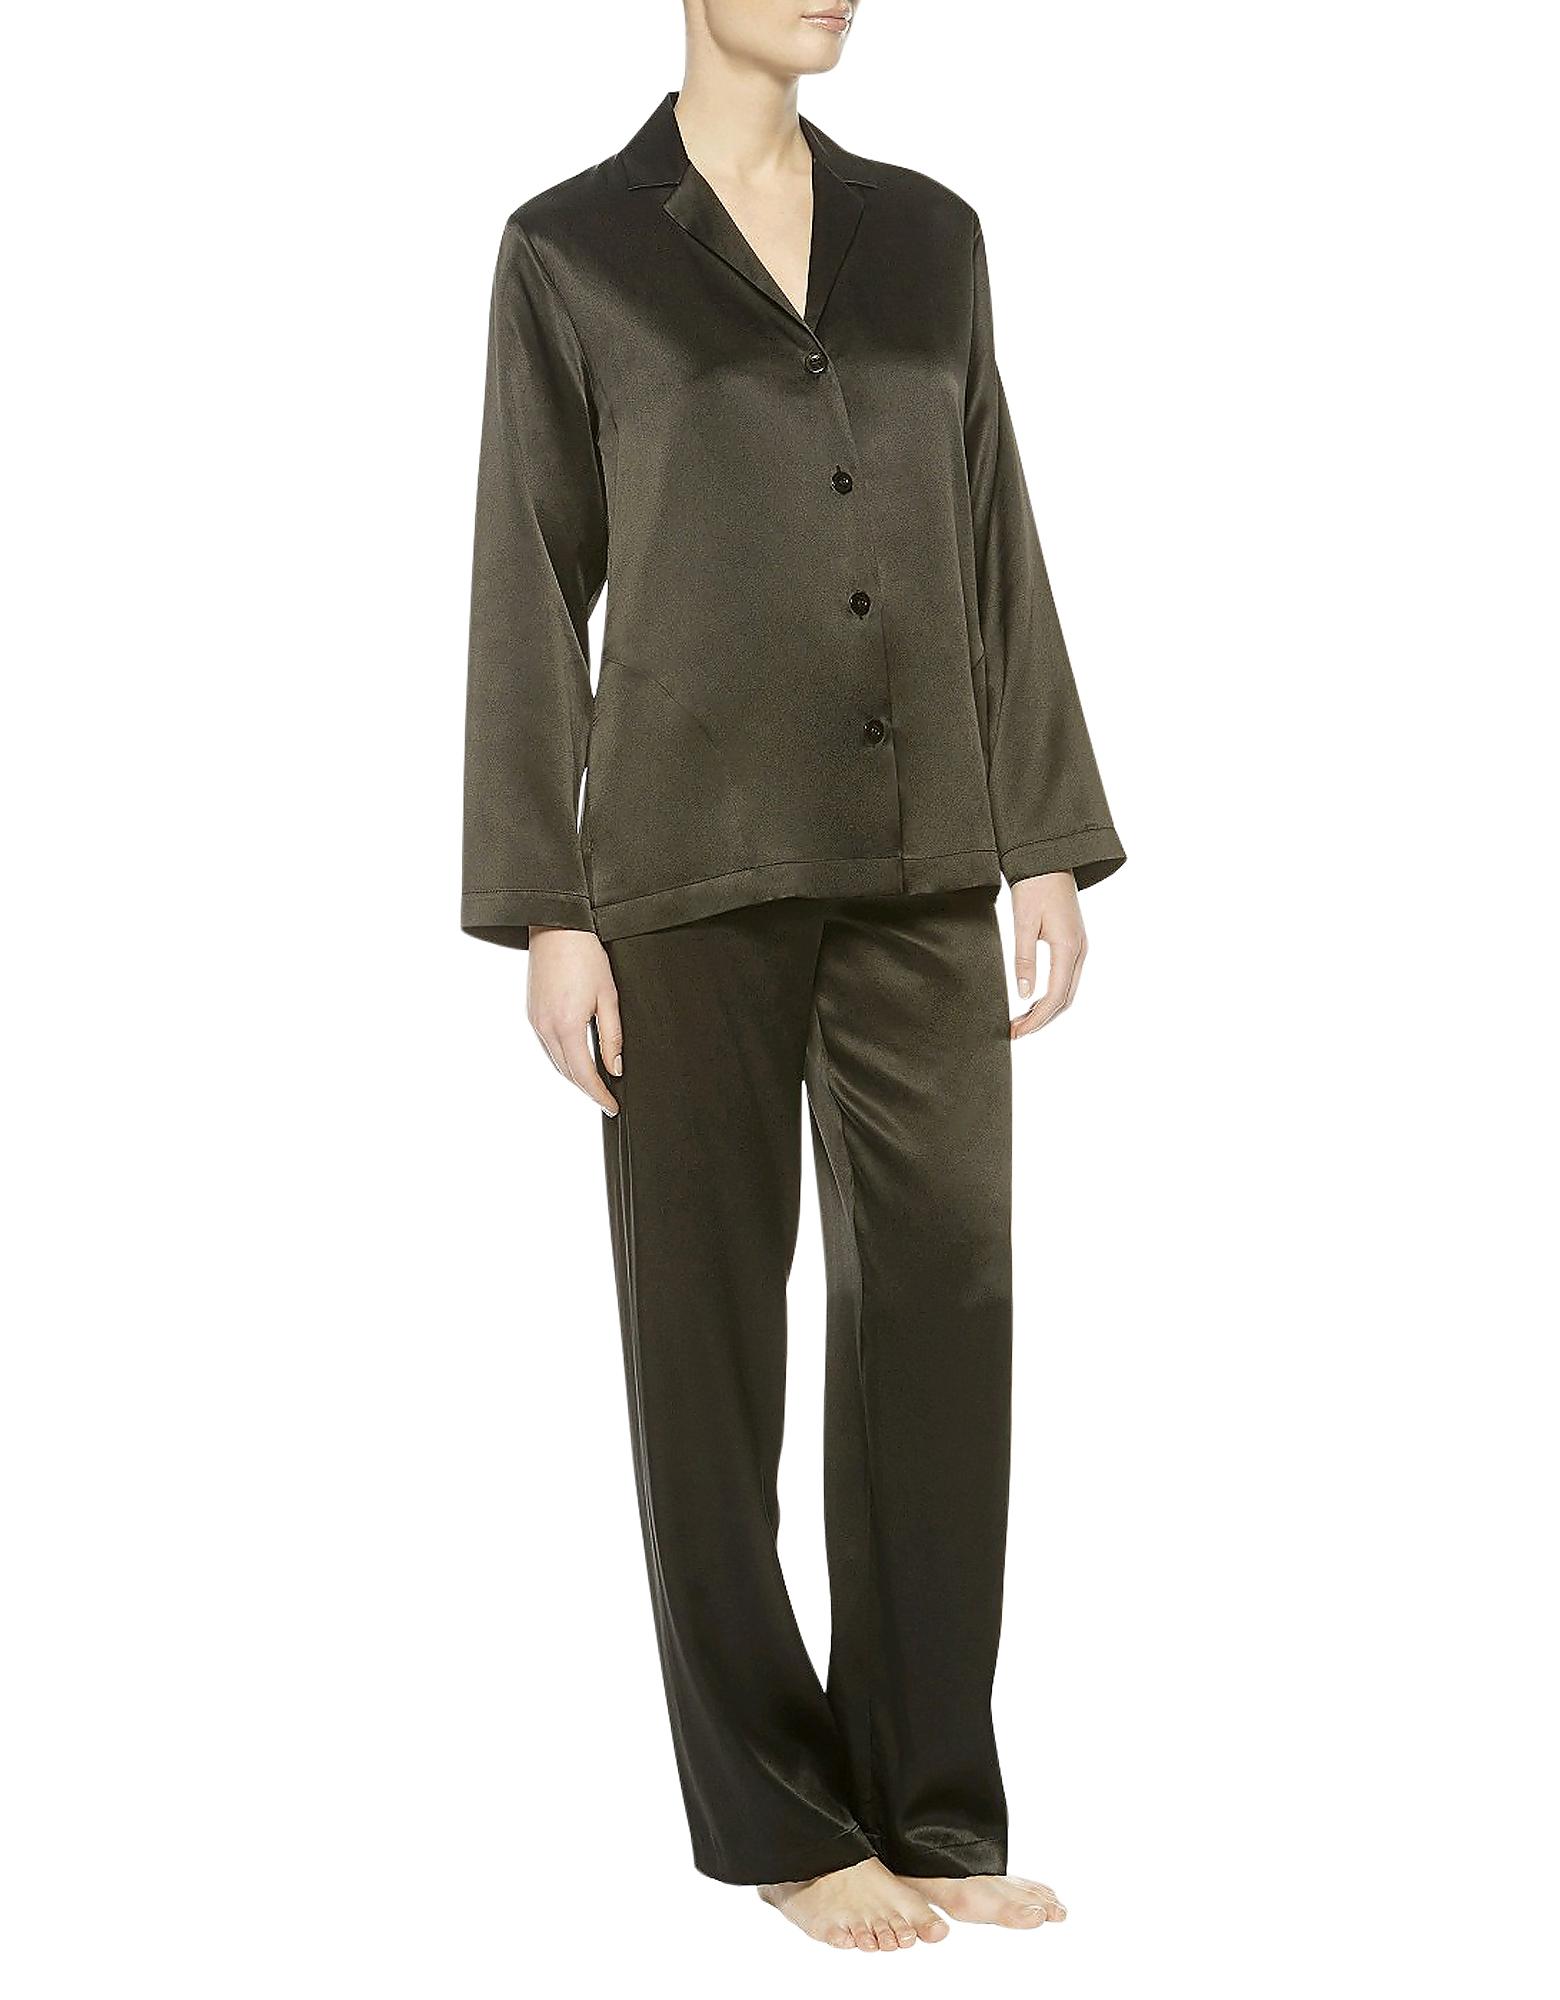 Iconic Black Silk Pajamas